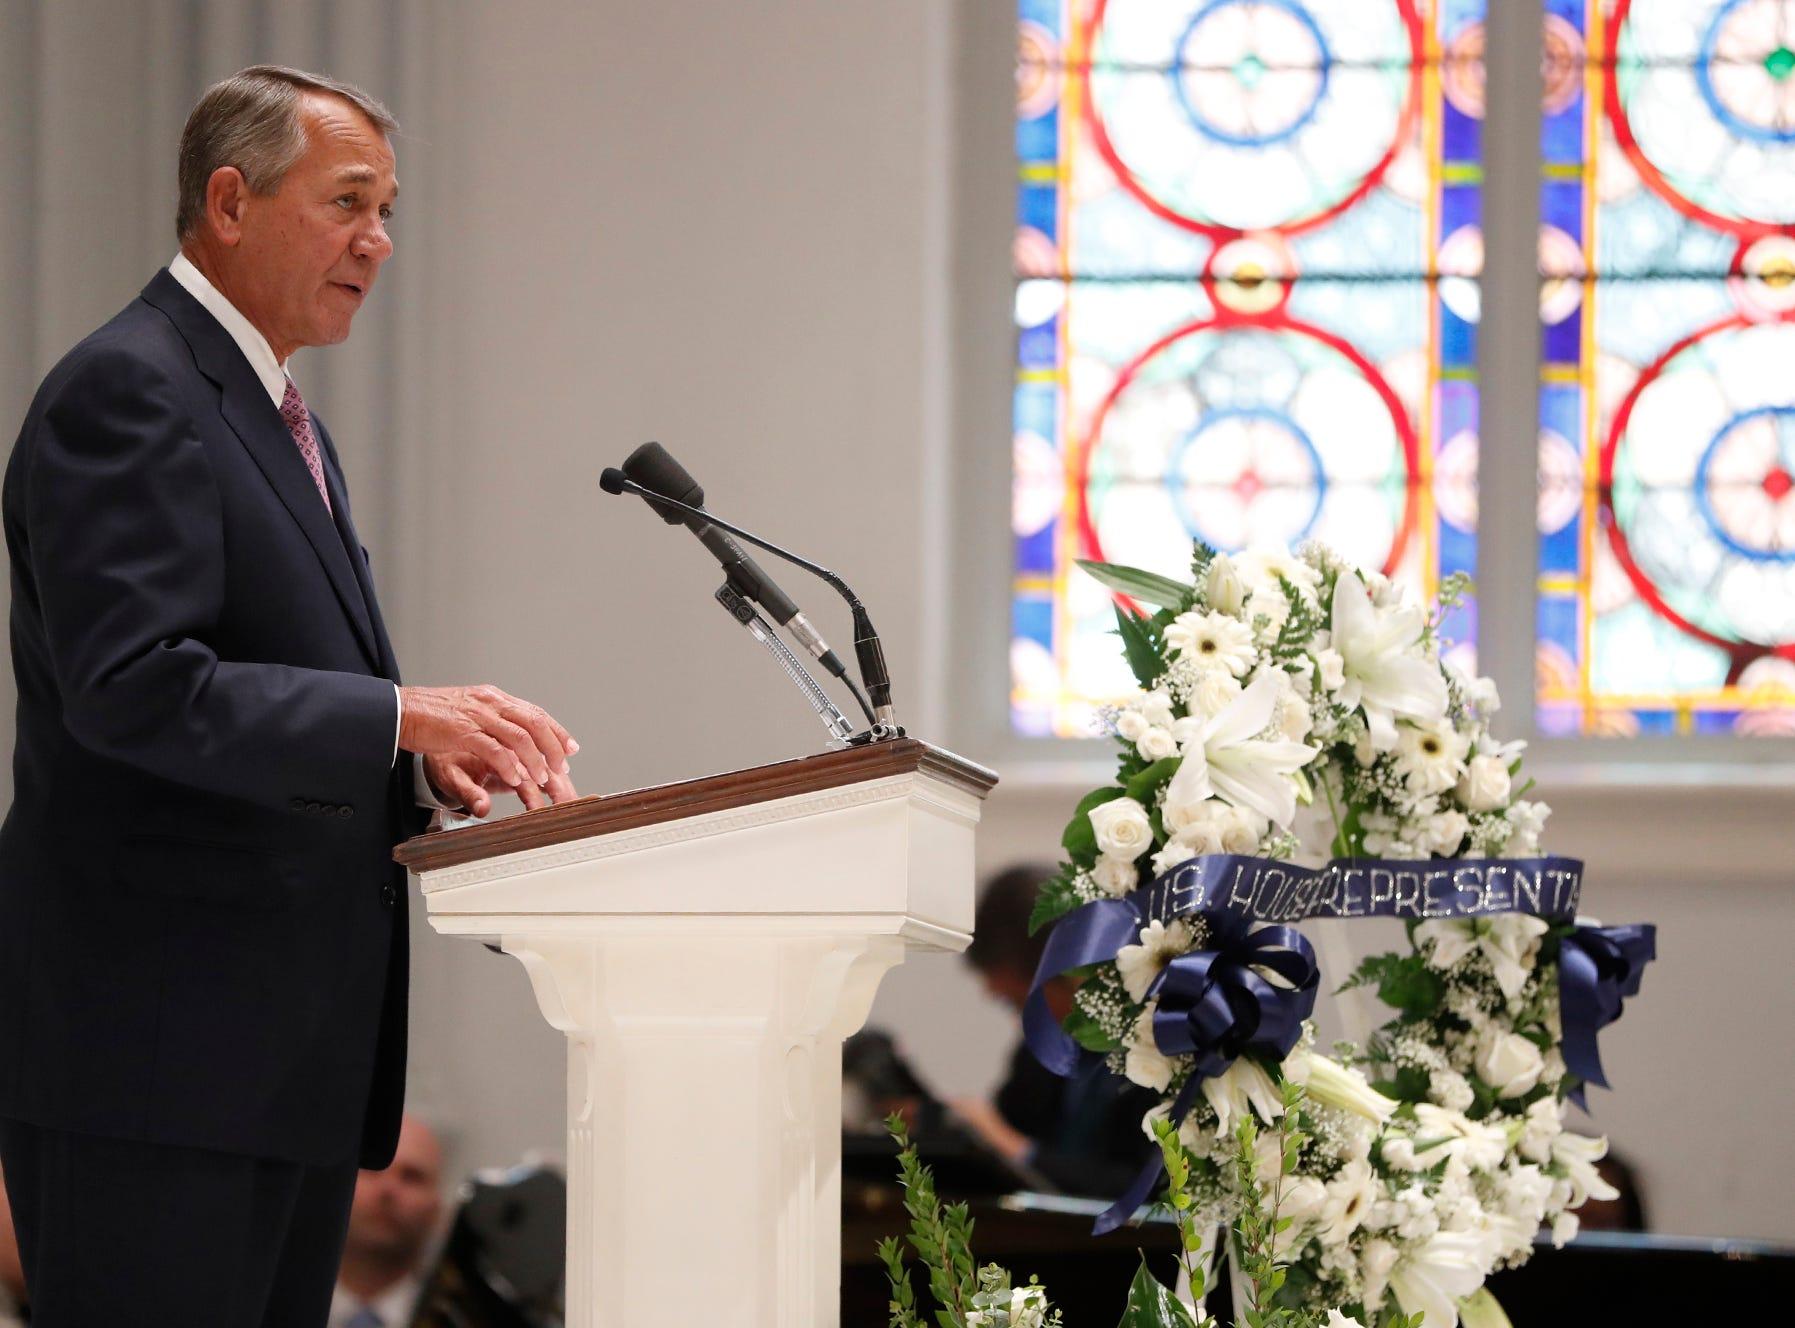 Former House Speaker John Boehner addresses the funeral for former Rep. John Dingell.